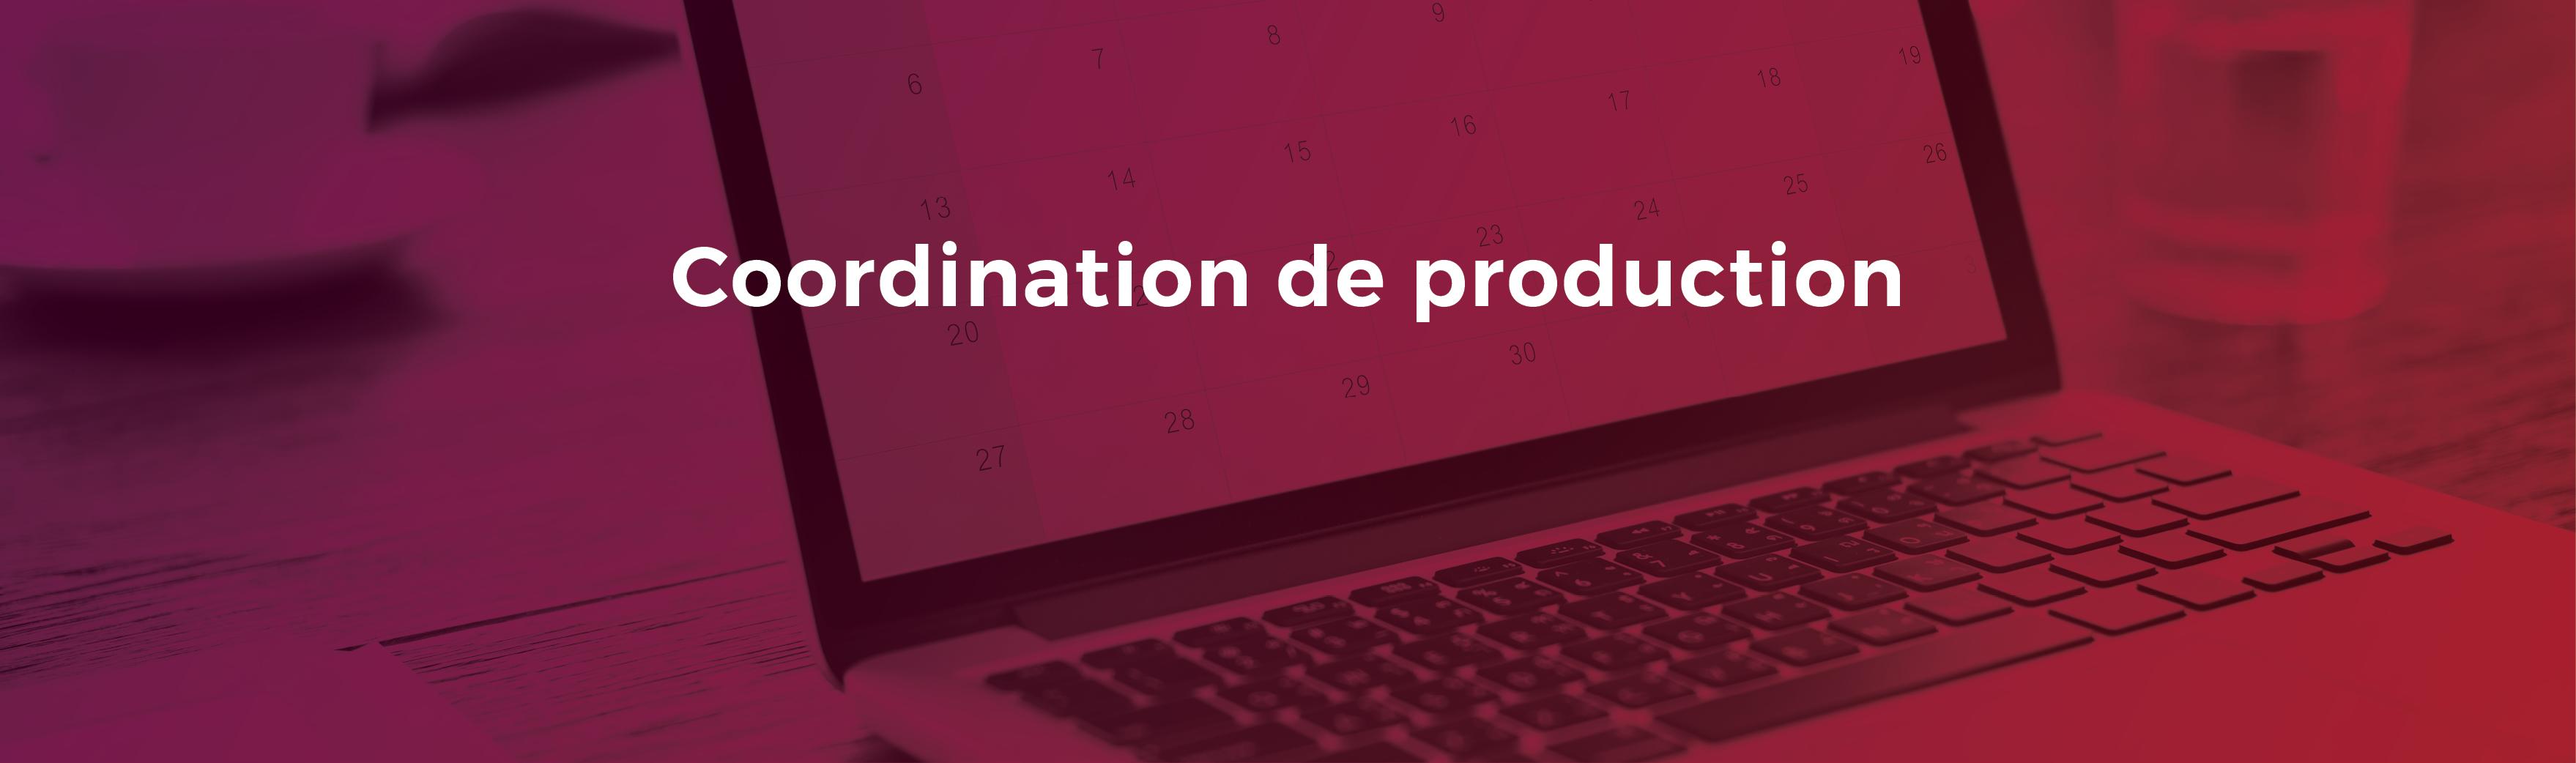 Bandeau coordination de production